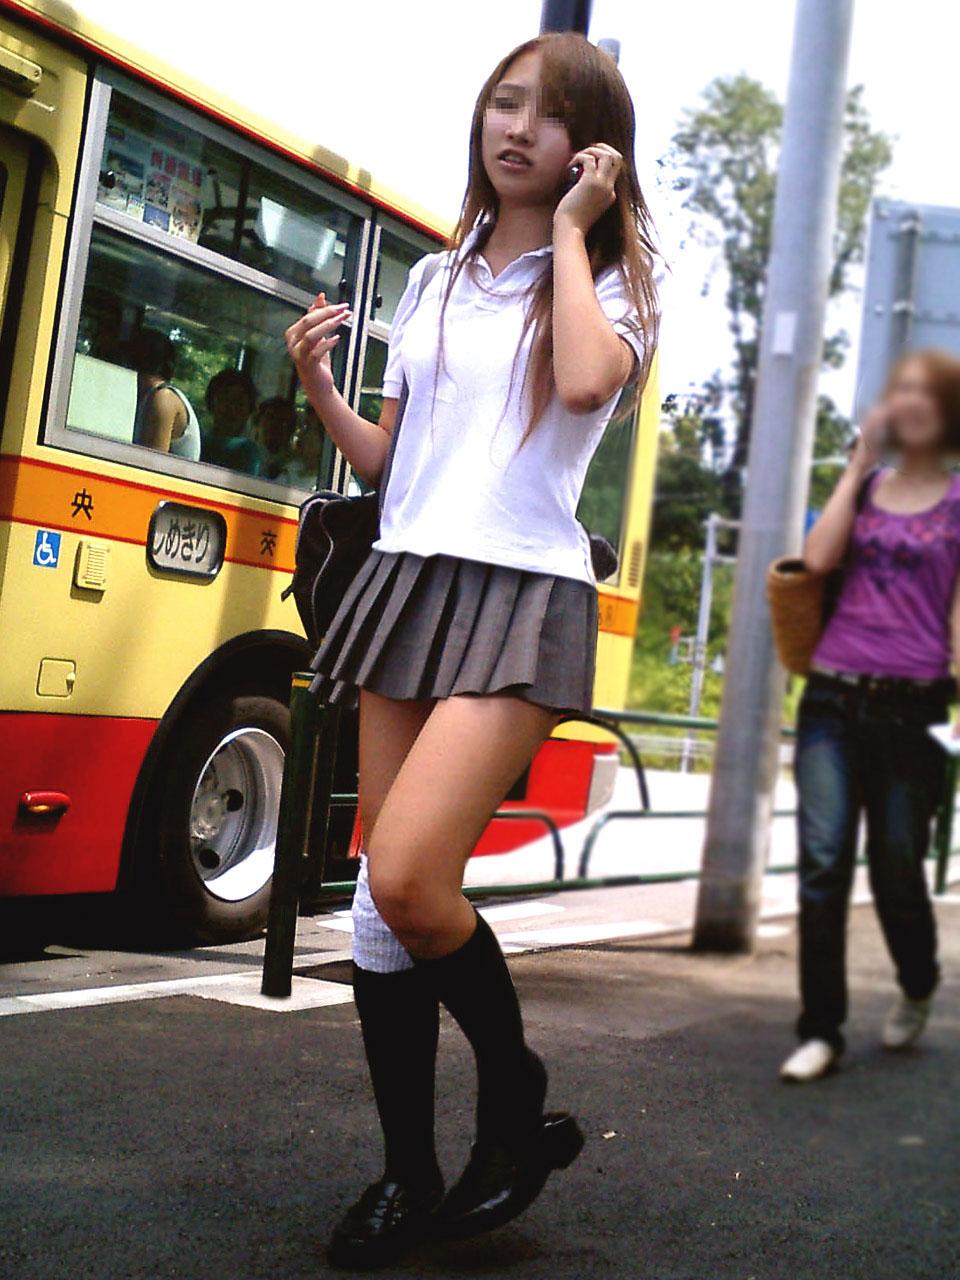 ワイの街撮りJKフォルダーの中身晒してくwwwwwwwwww CNuBguH